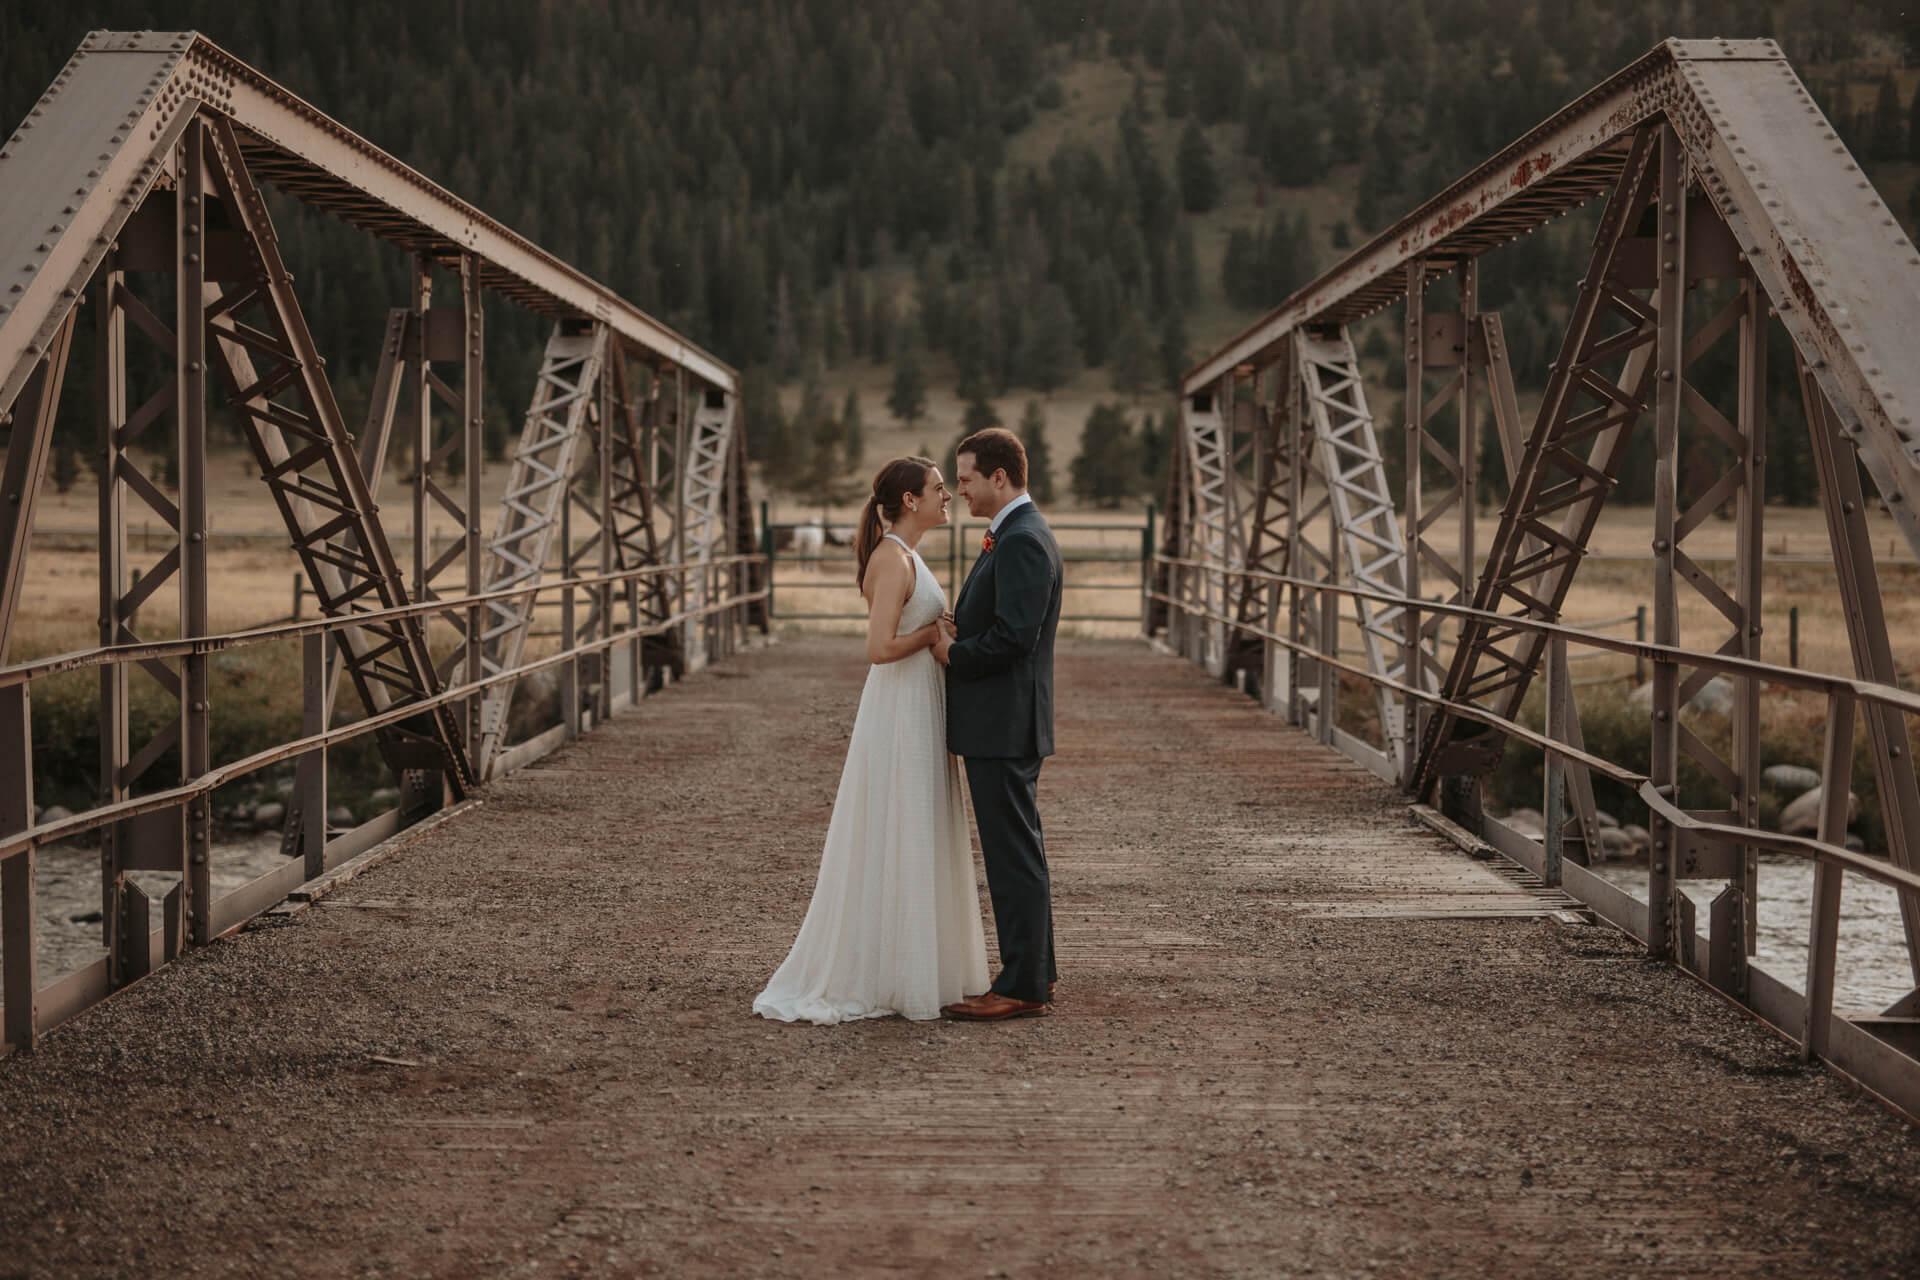 Missoula Wedding Photographers   Cluney Photography